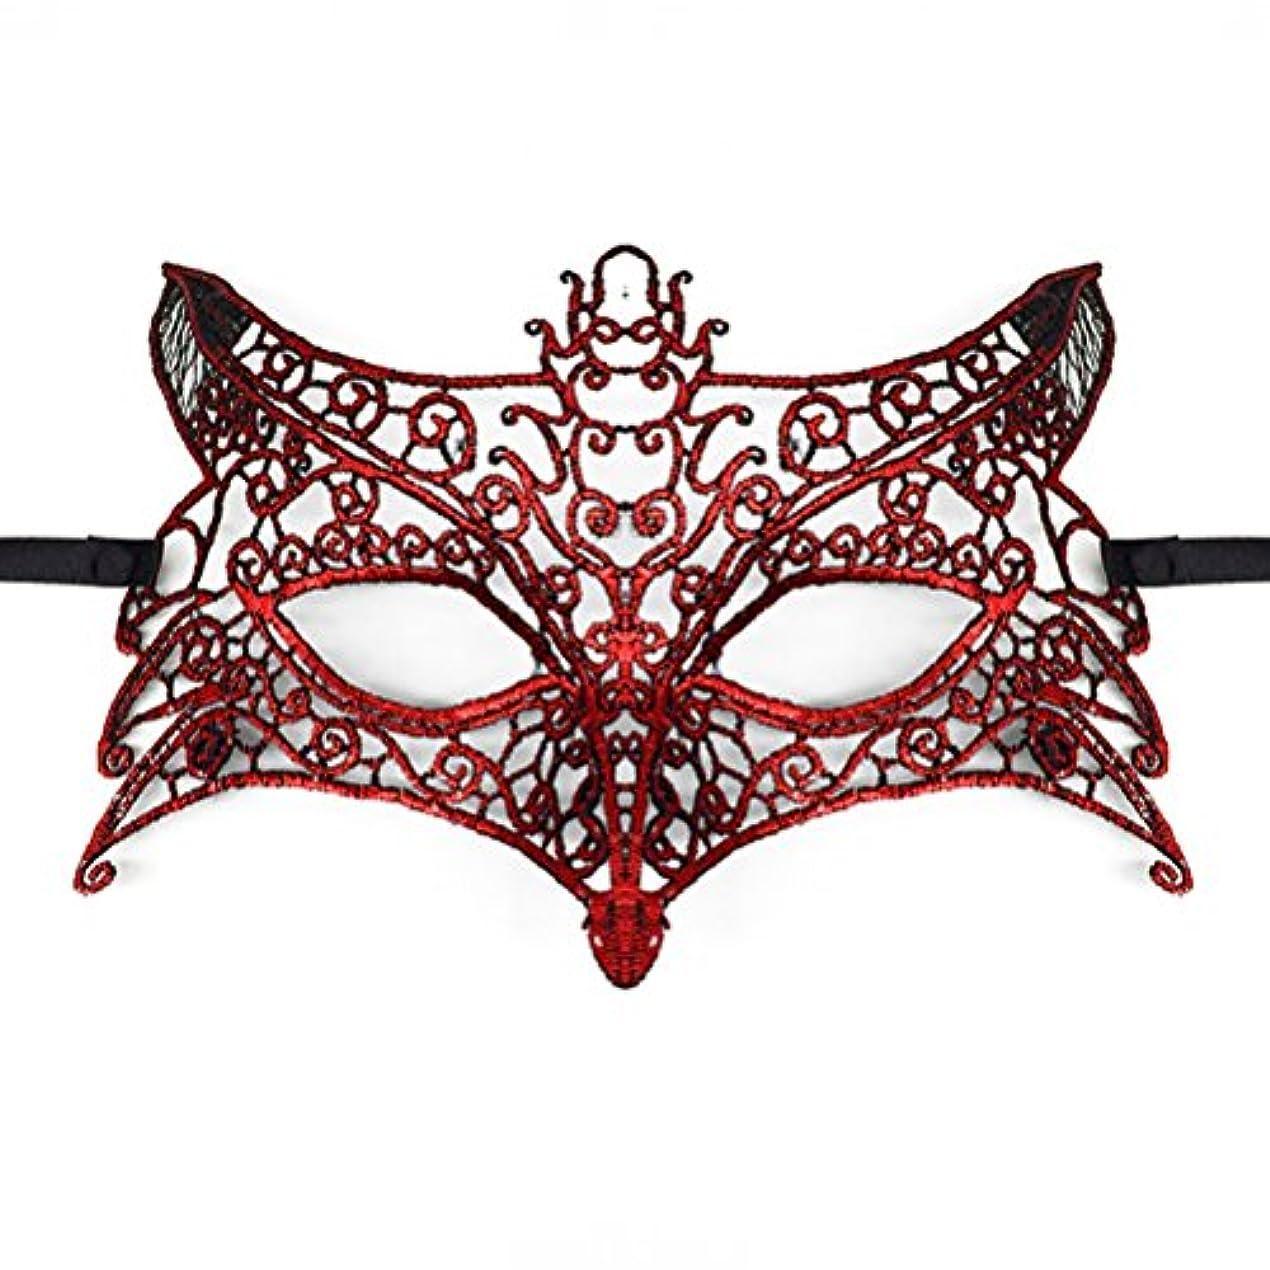 Toyvian ハロウィーンパーティー用レースマスカレードマスク(ウルフヘッド)